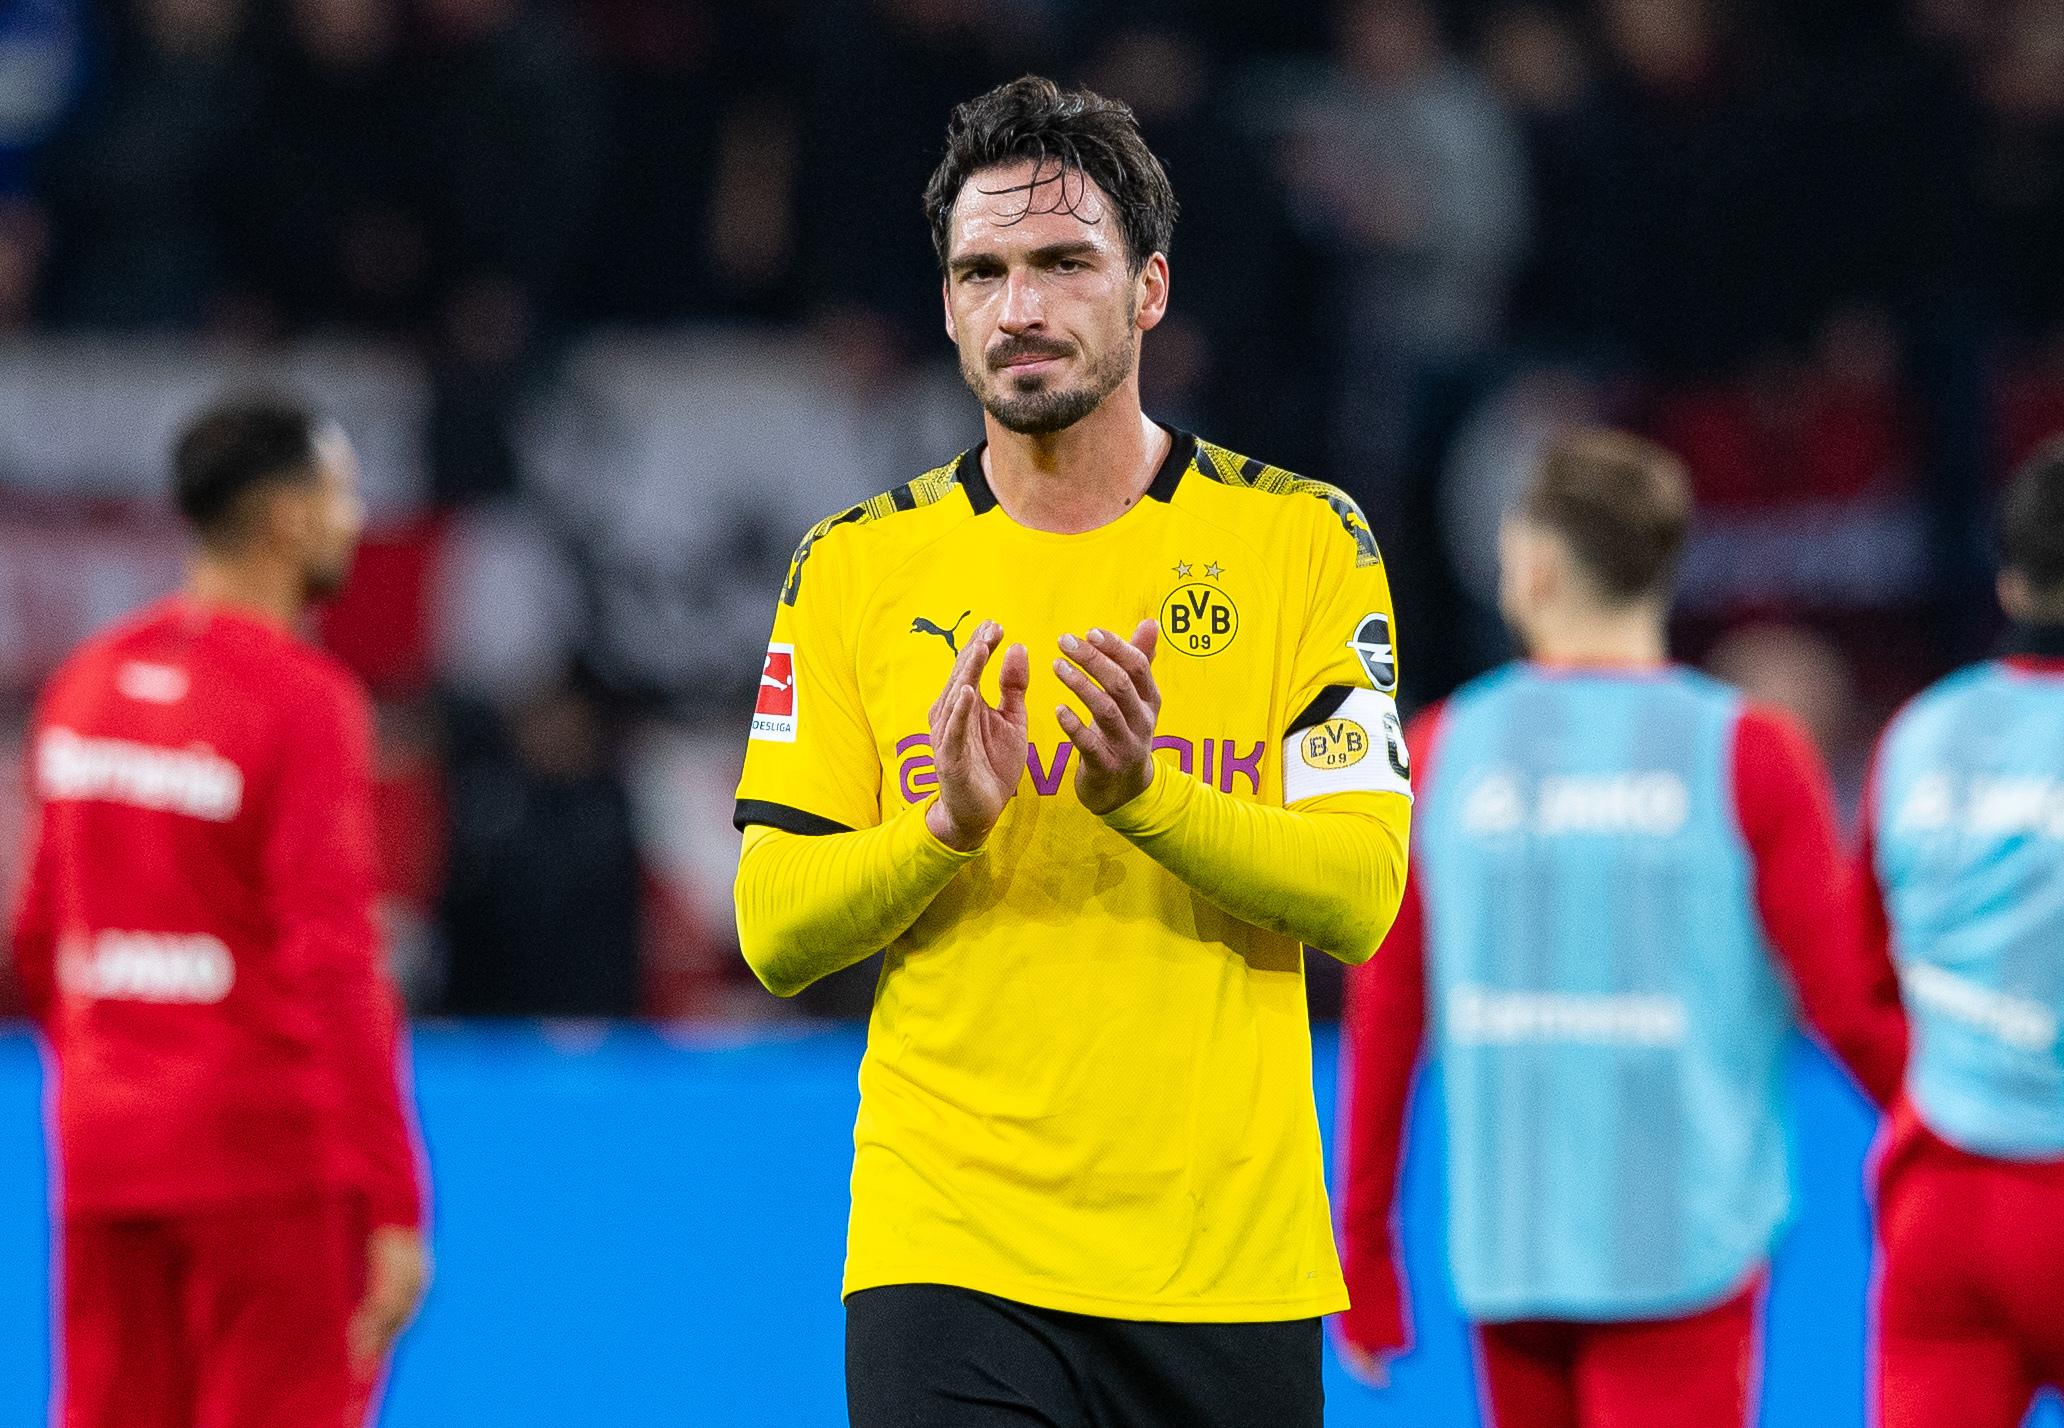 Mats Hummels und Borussia Dortmund wollen in der nächsten Saison einen Angriff starten.